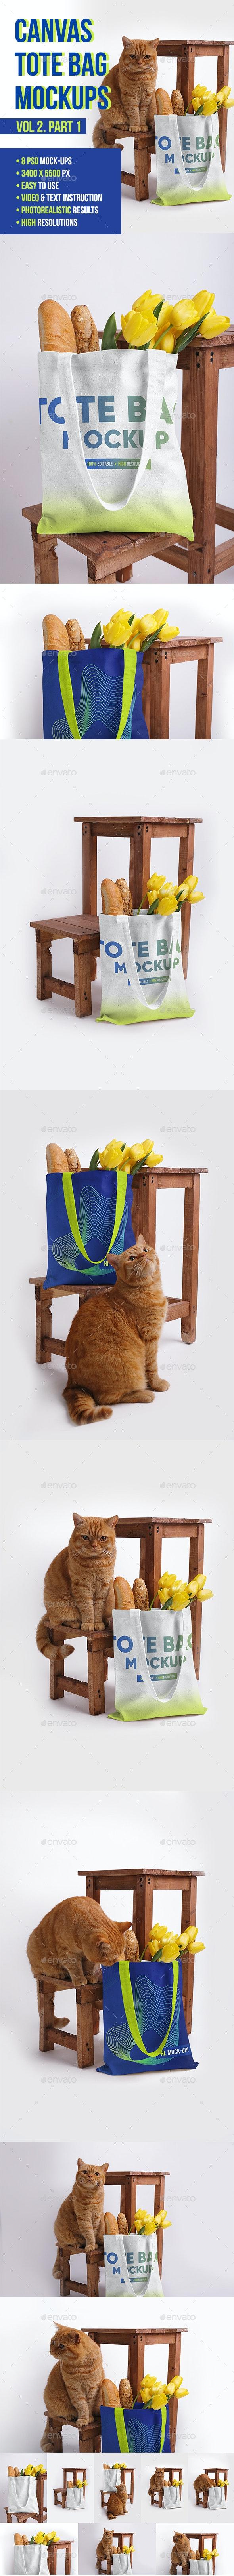 Canvas Tote Bag Mockups. Vol 2 Part 1 - Miscellaneous Apparel